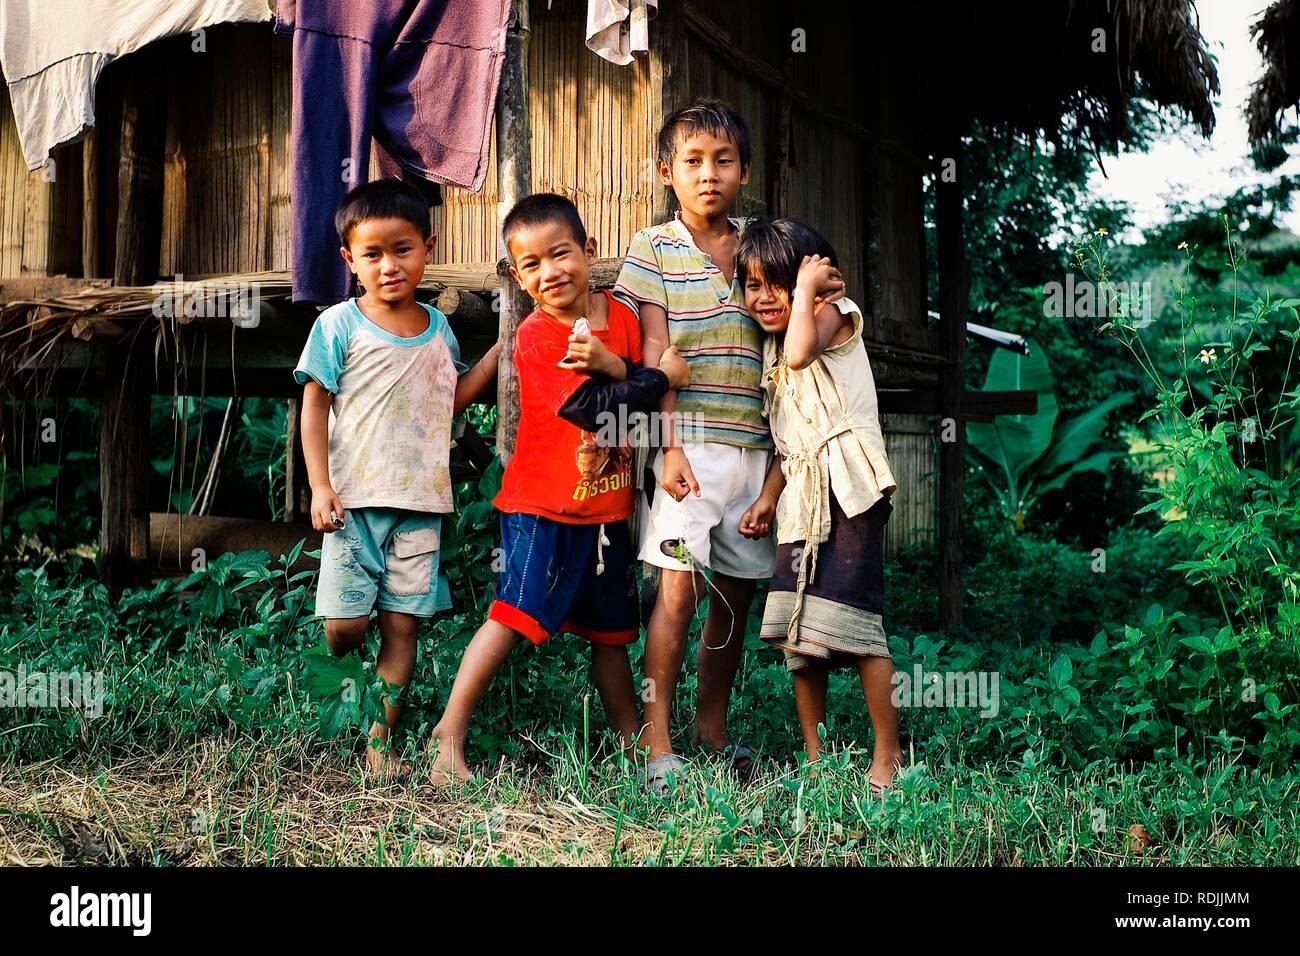 Luang Namta / Laos - 06 juil 2011: Enfants attendant à l'extérieur de leur maison de style cabane en bambou Banque D'Images